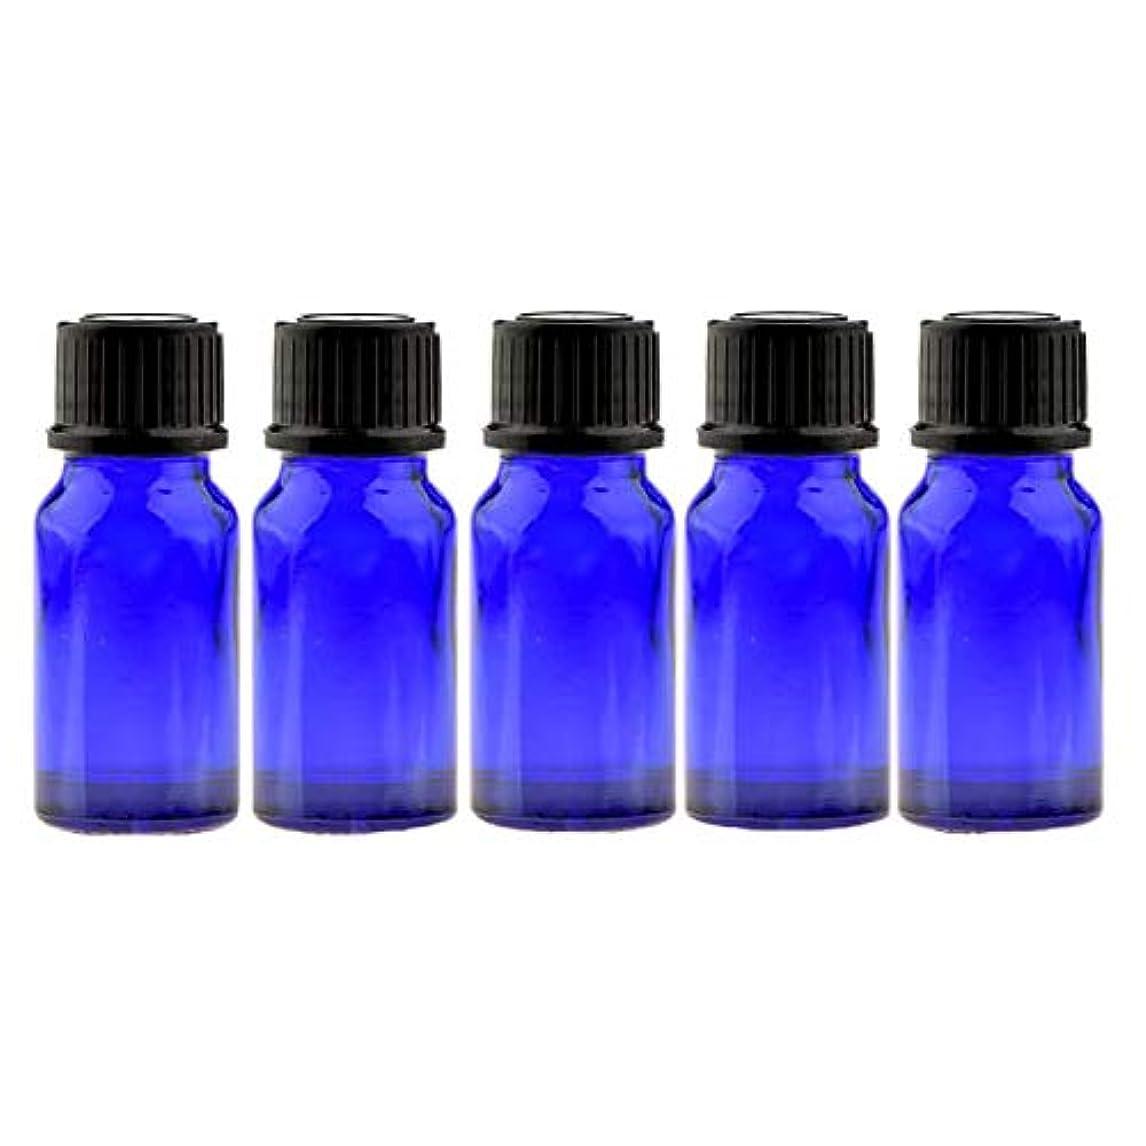 掻く怖がらせる縫う遮光ビン 10ml(ブルー) 5本セット 黒キャップ&ヴァーティカルドロッパー